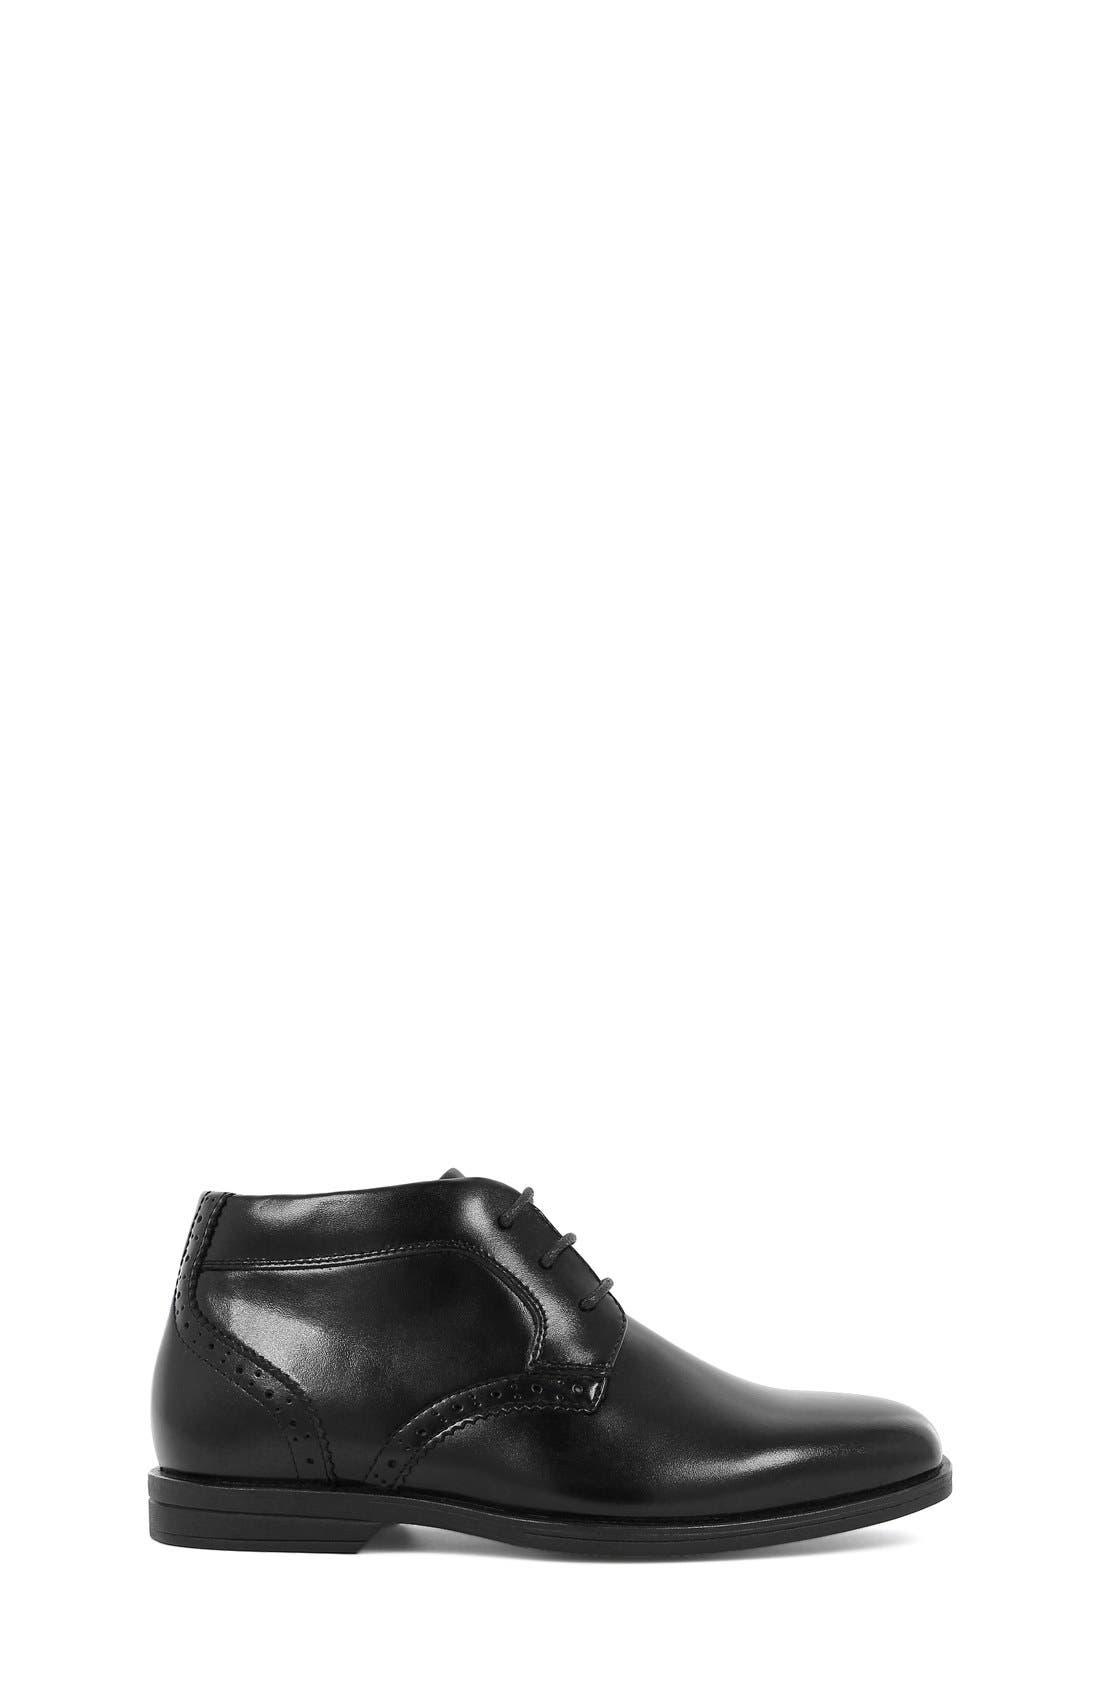 FLORSHEIM 'Reveal' Chukka Boot